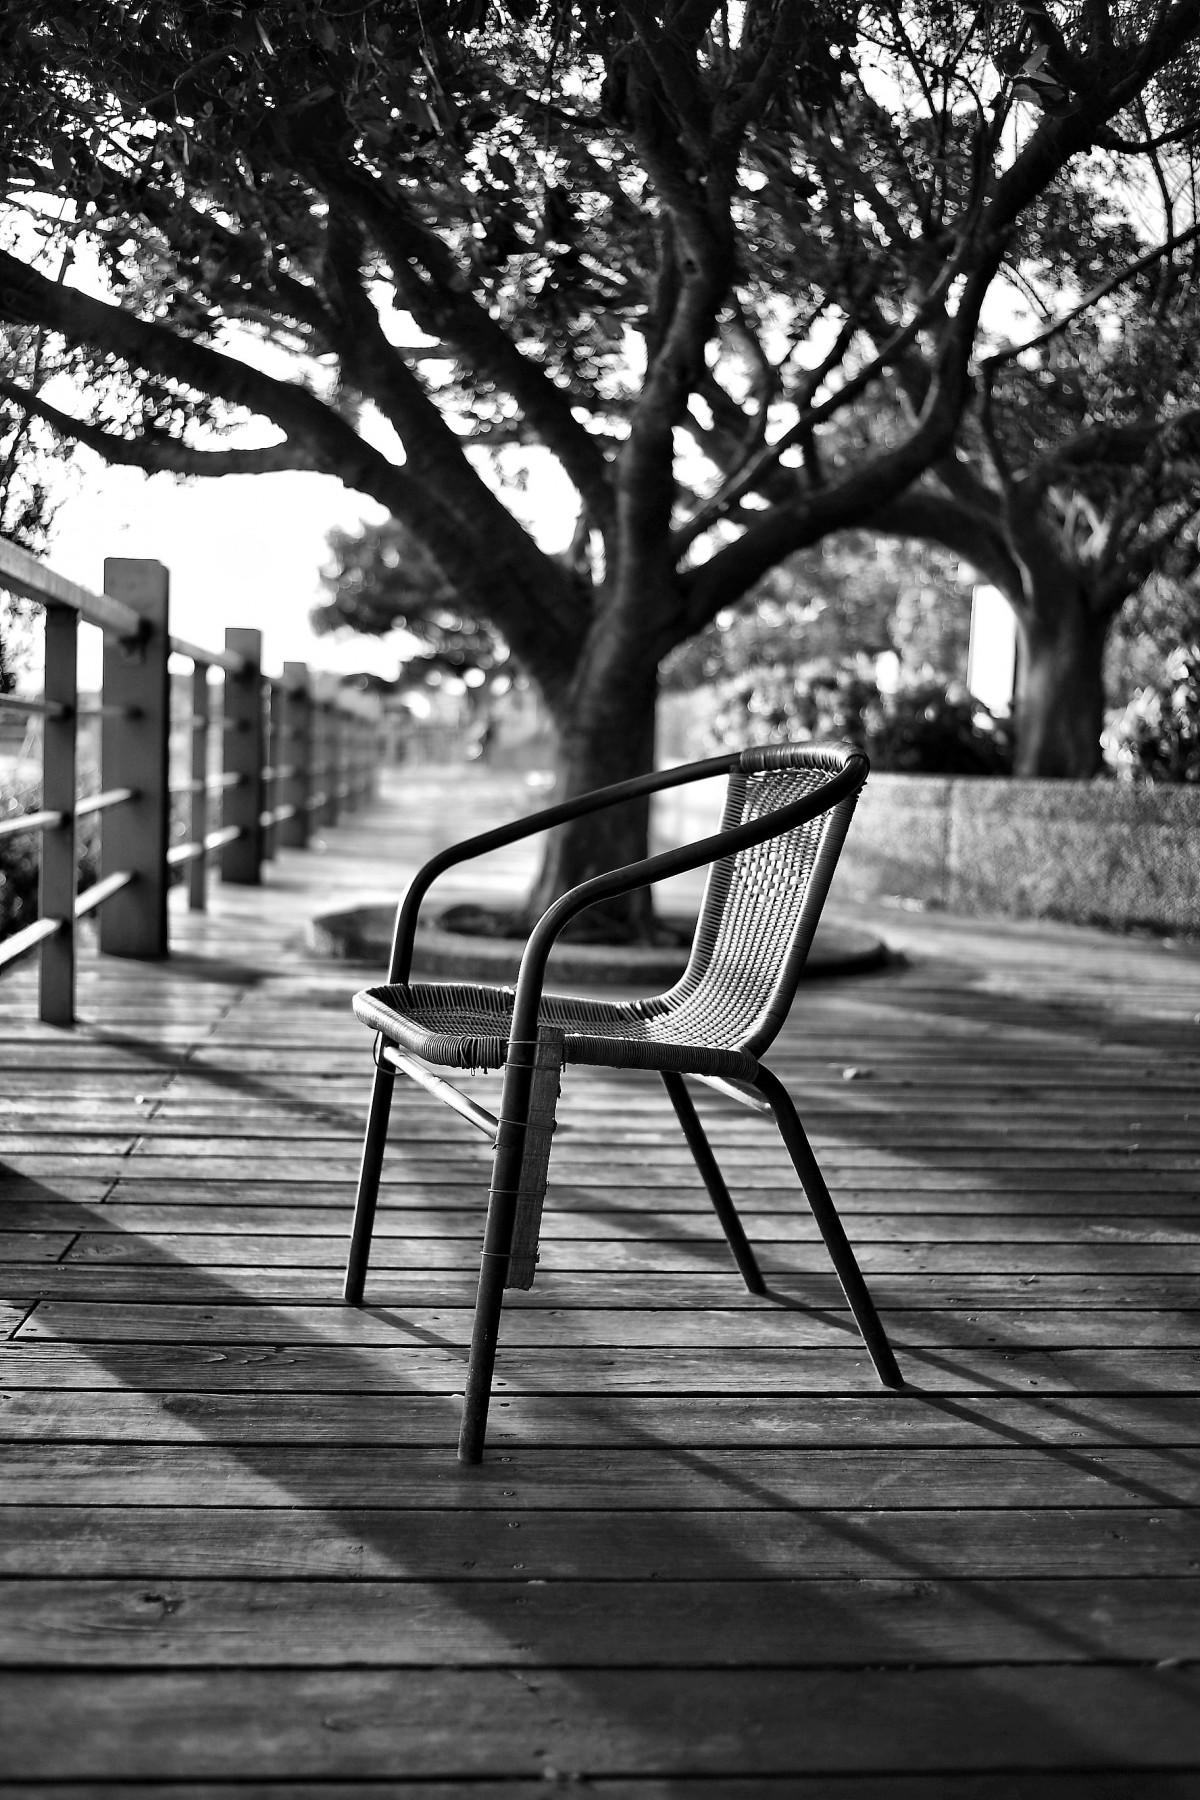 kostenlose foto baum schwarz und wei holz wei fotografie blatt sessel sitz fr hling. Black Bedroom Furniture Sets. Home Design Ideas